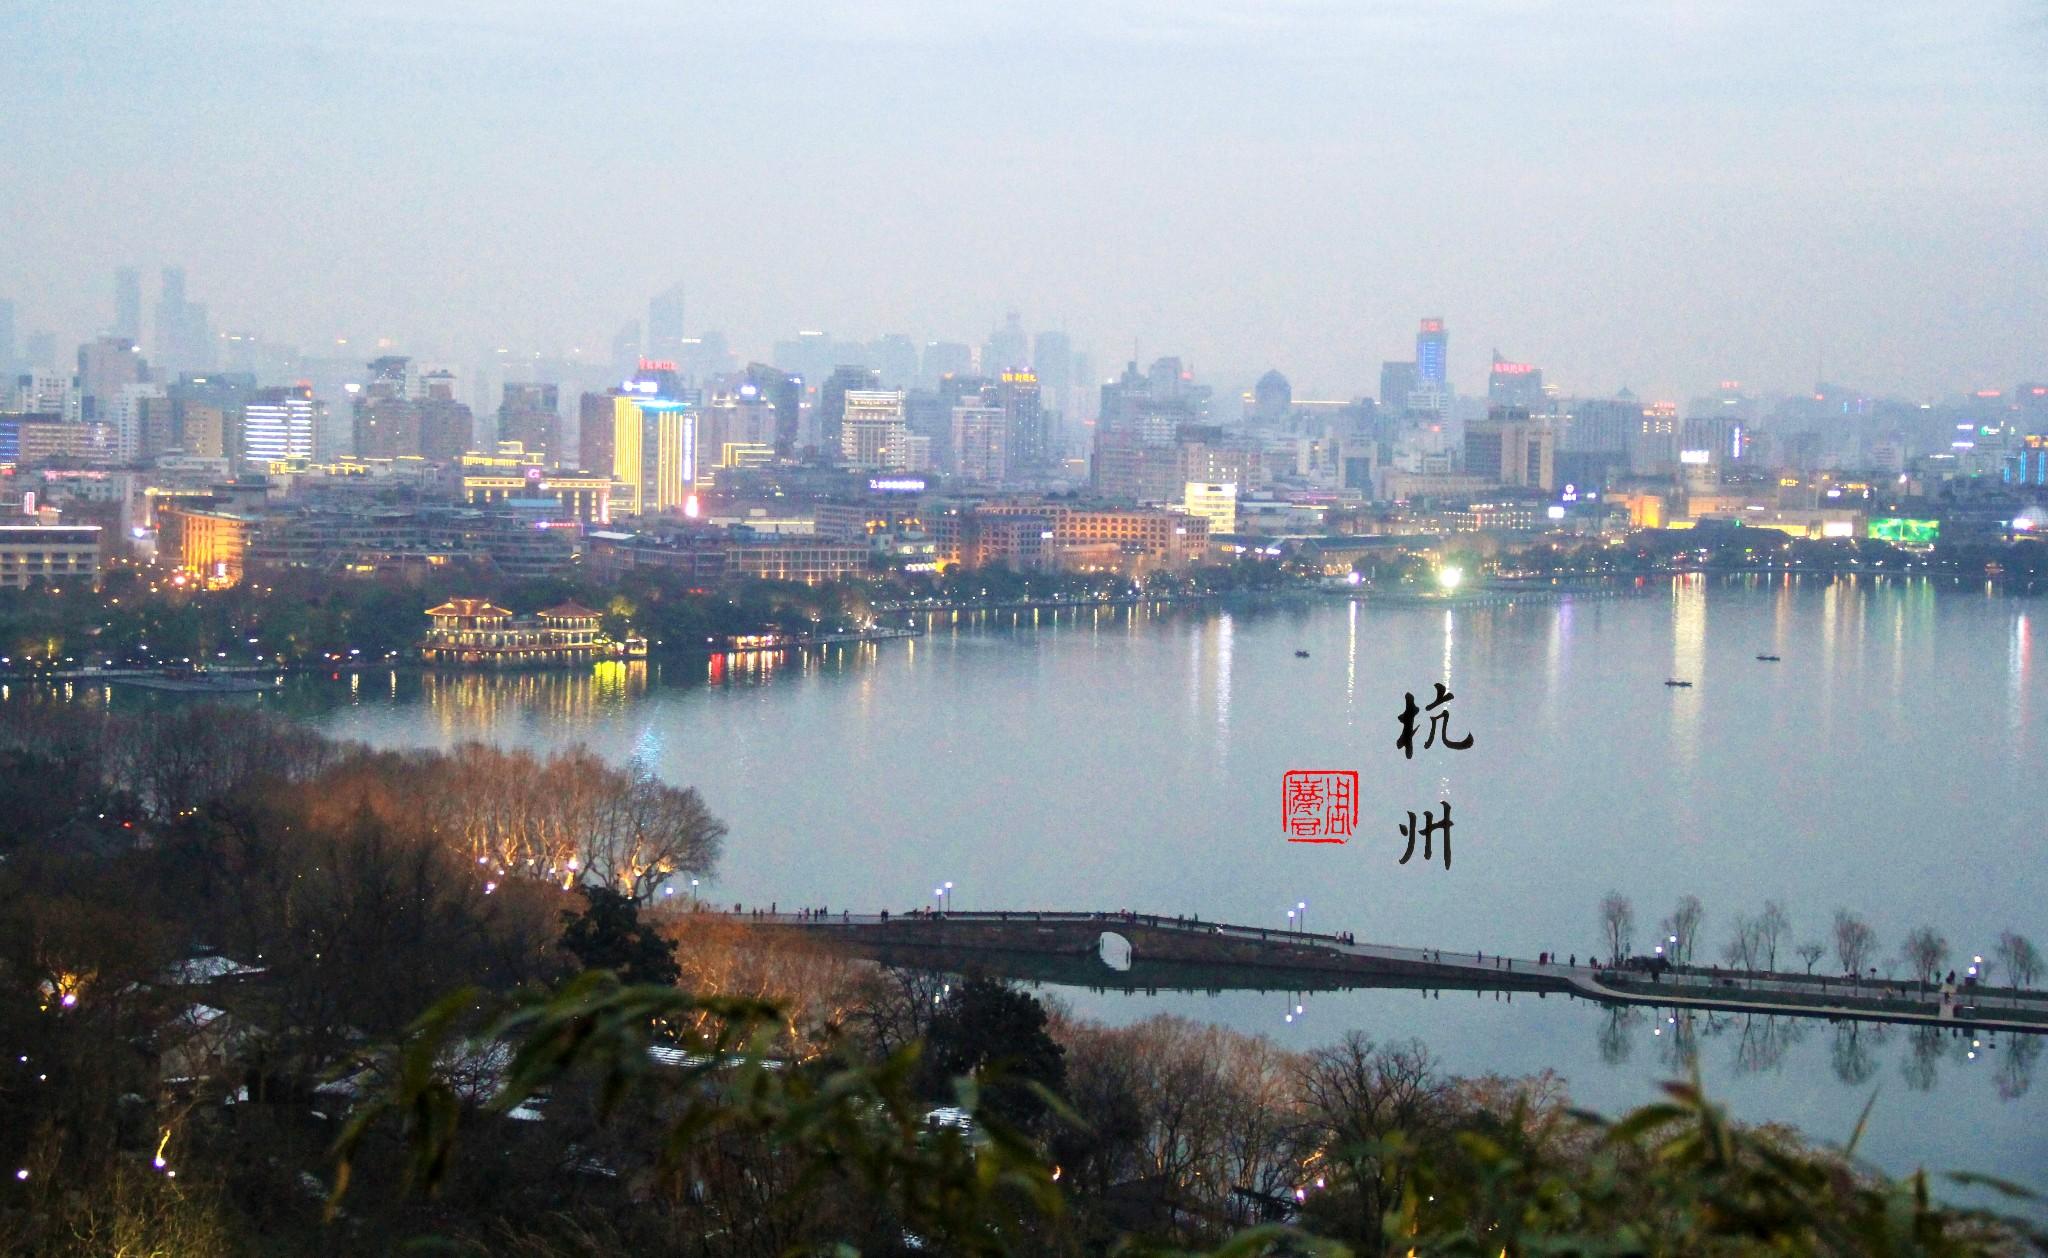 杭州客运站在哪里,怎么去杭州客运站